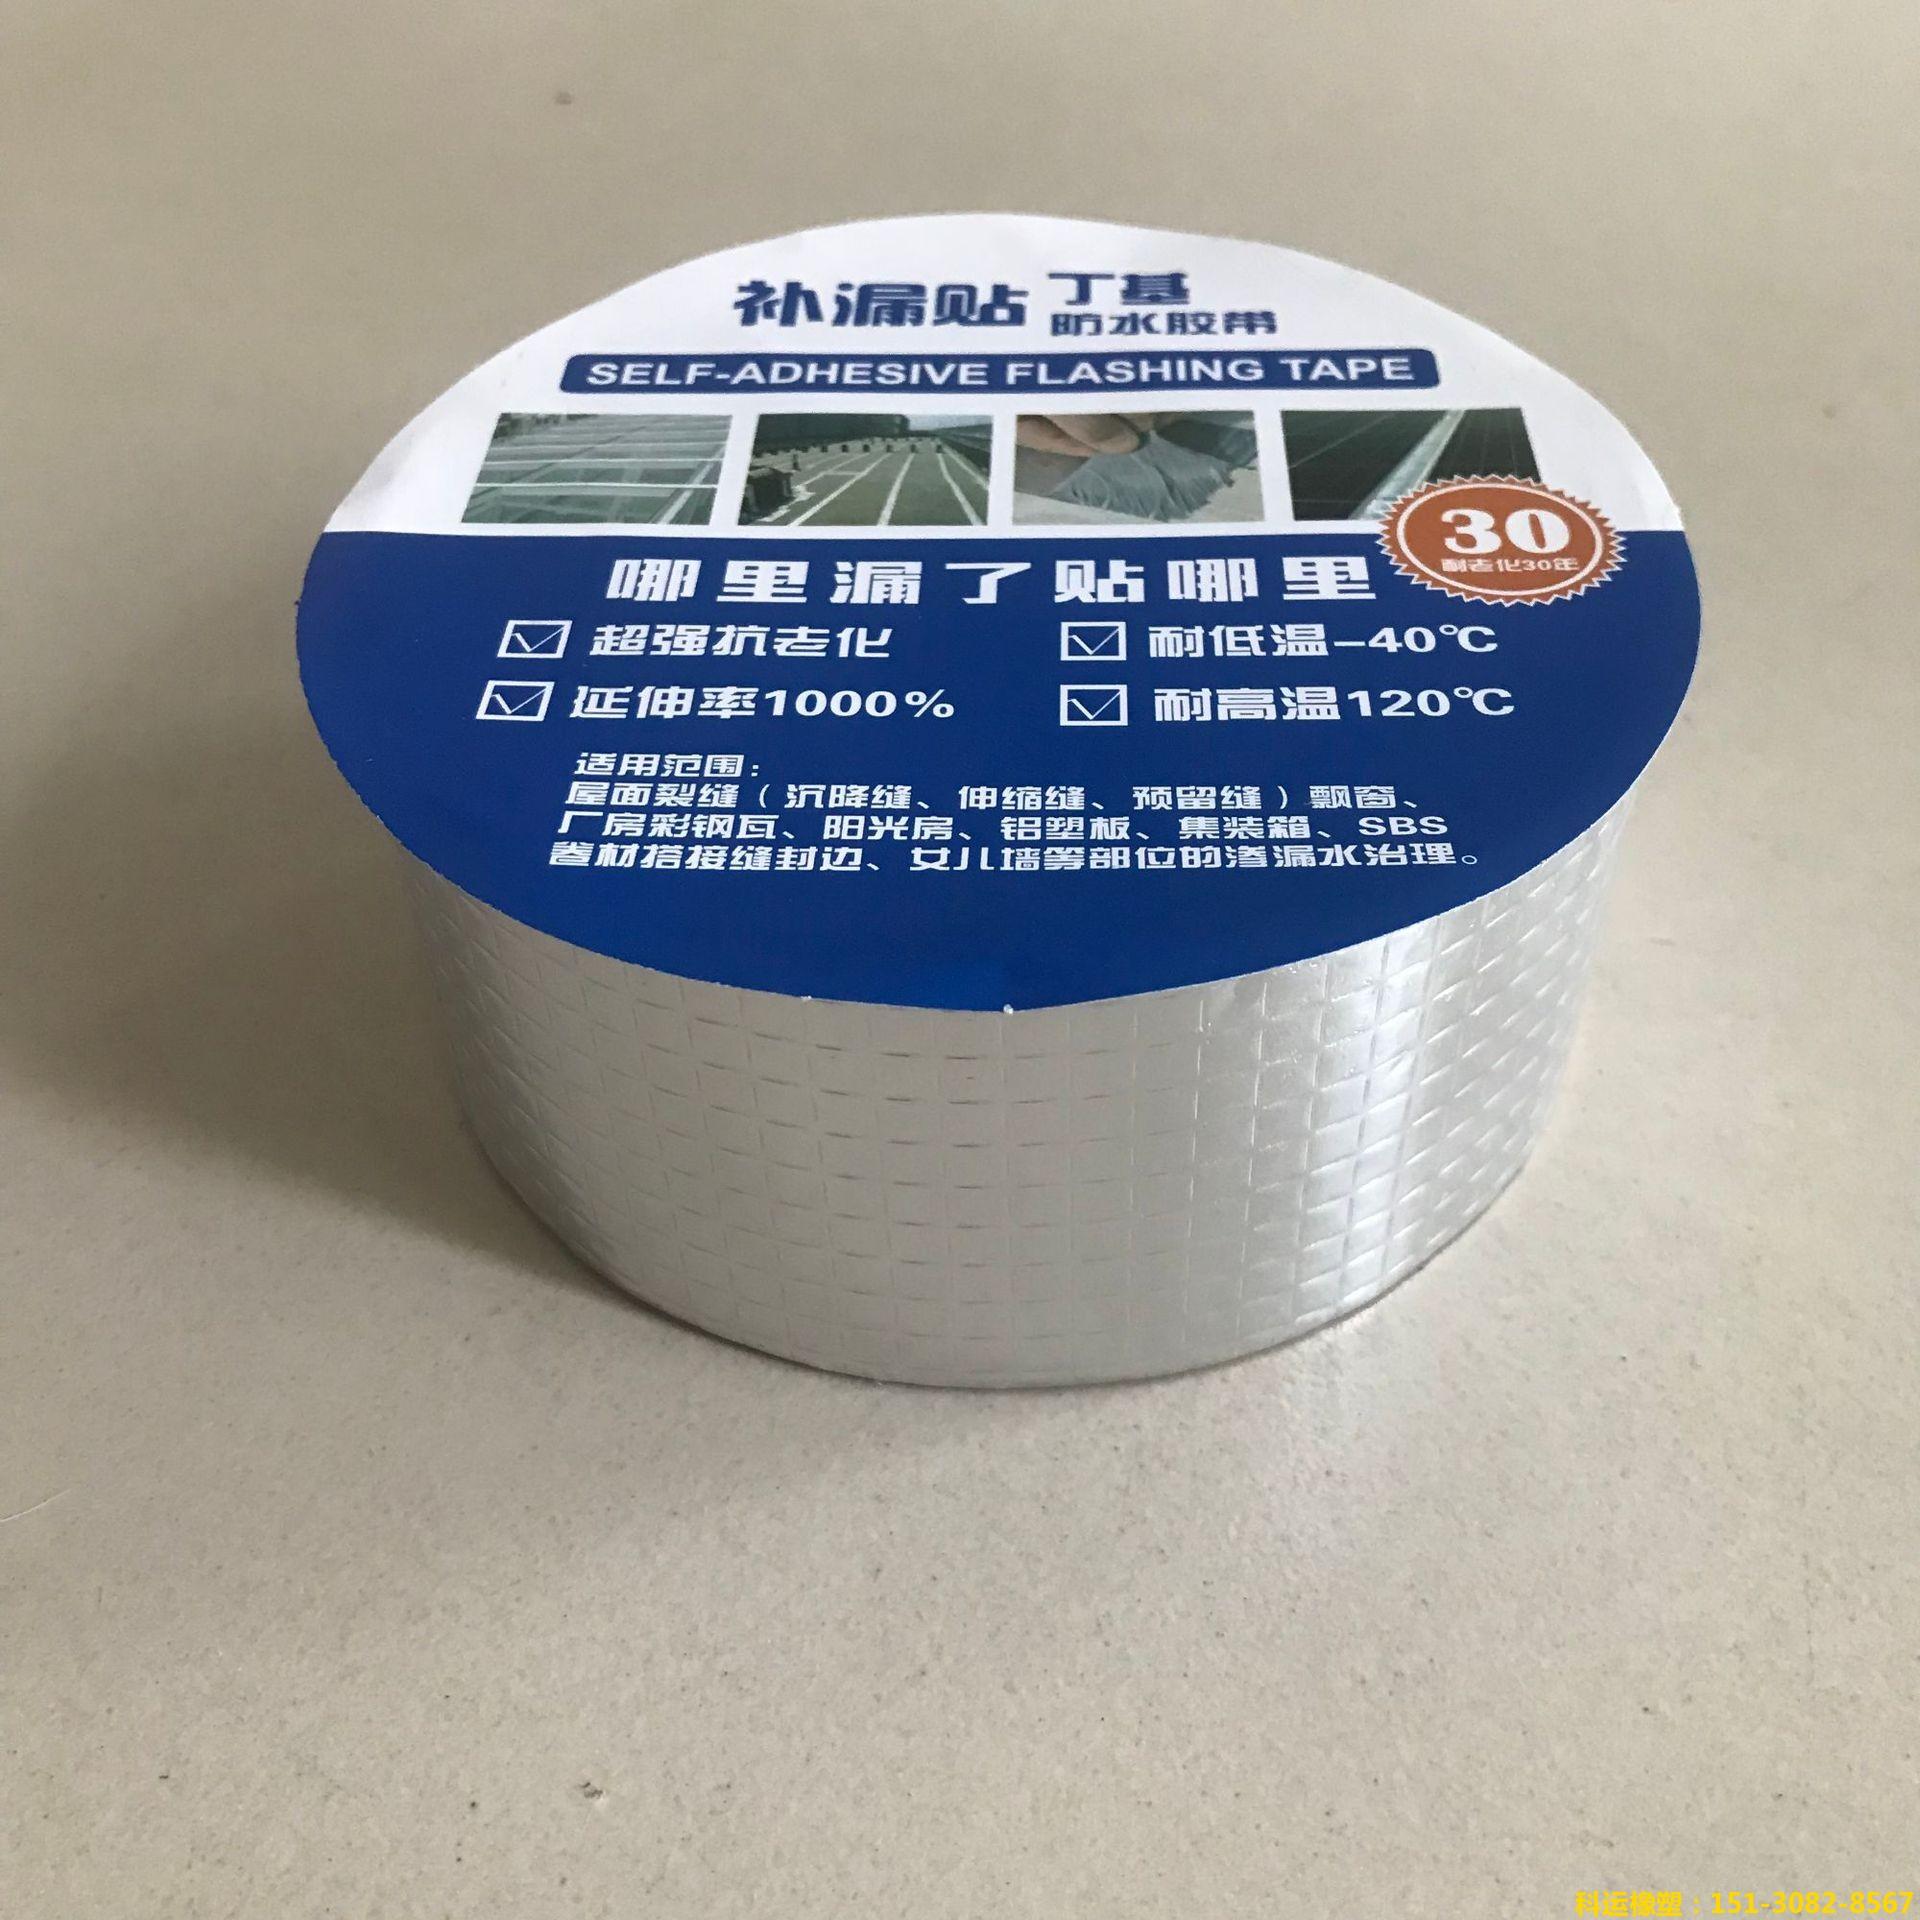 丁基橡胶防水胶带(方格铝箔胶带网红爆款)-科运橡塑原创防水品牌2